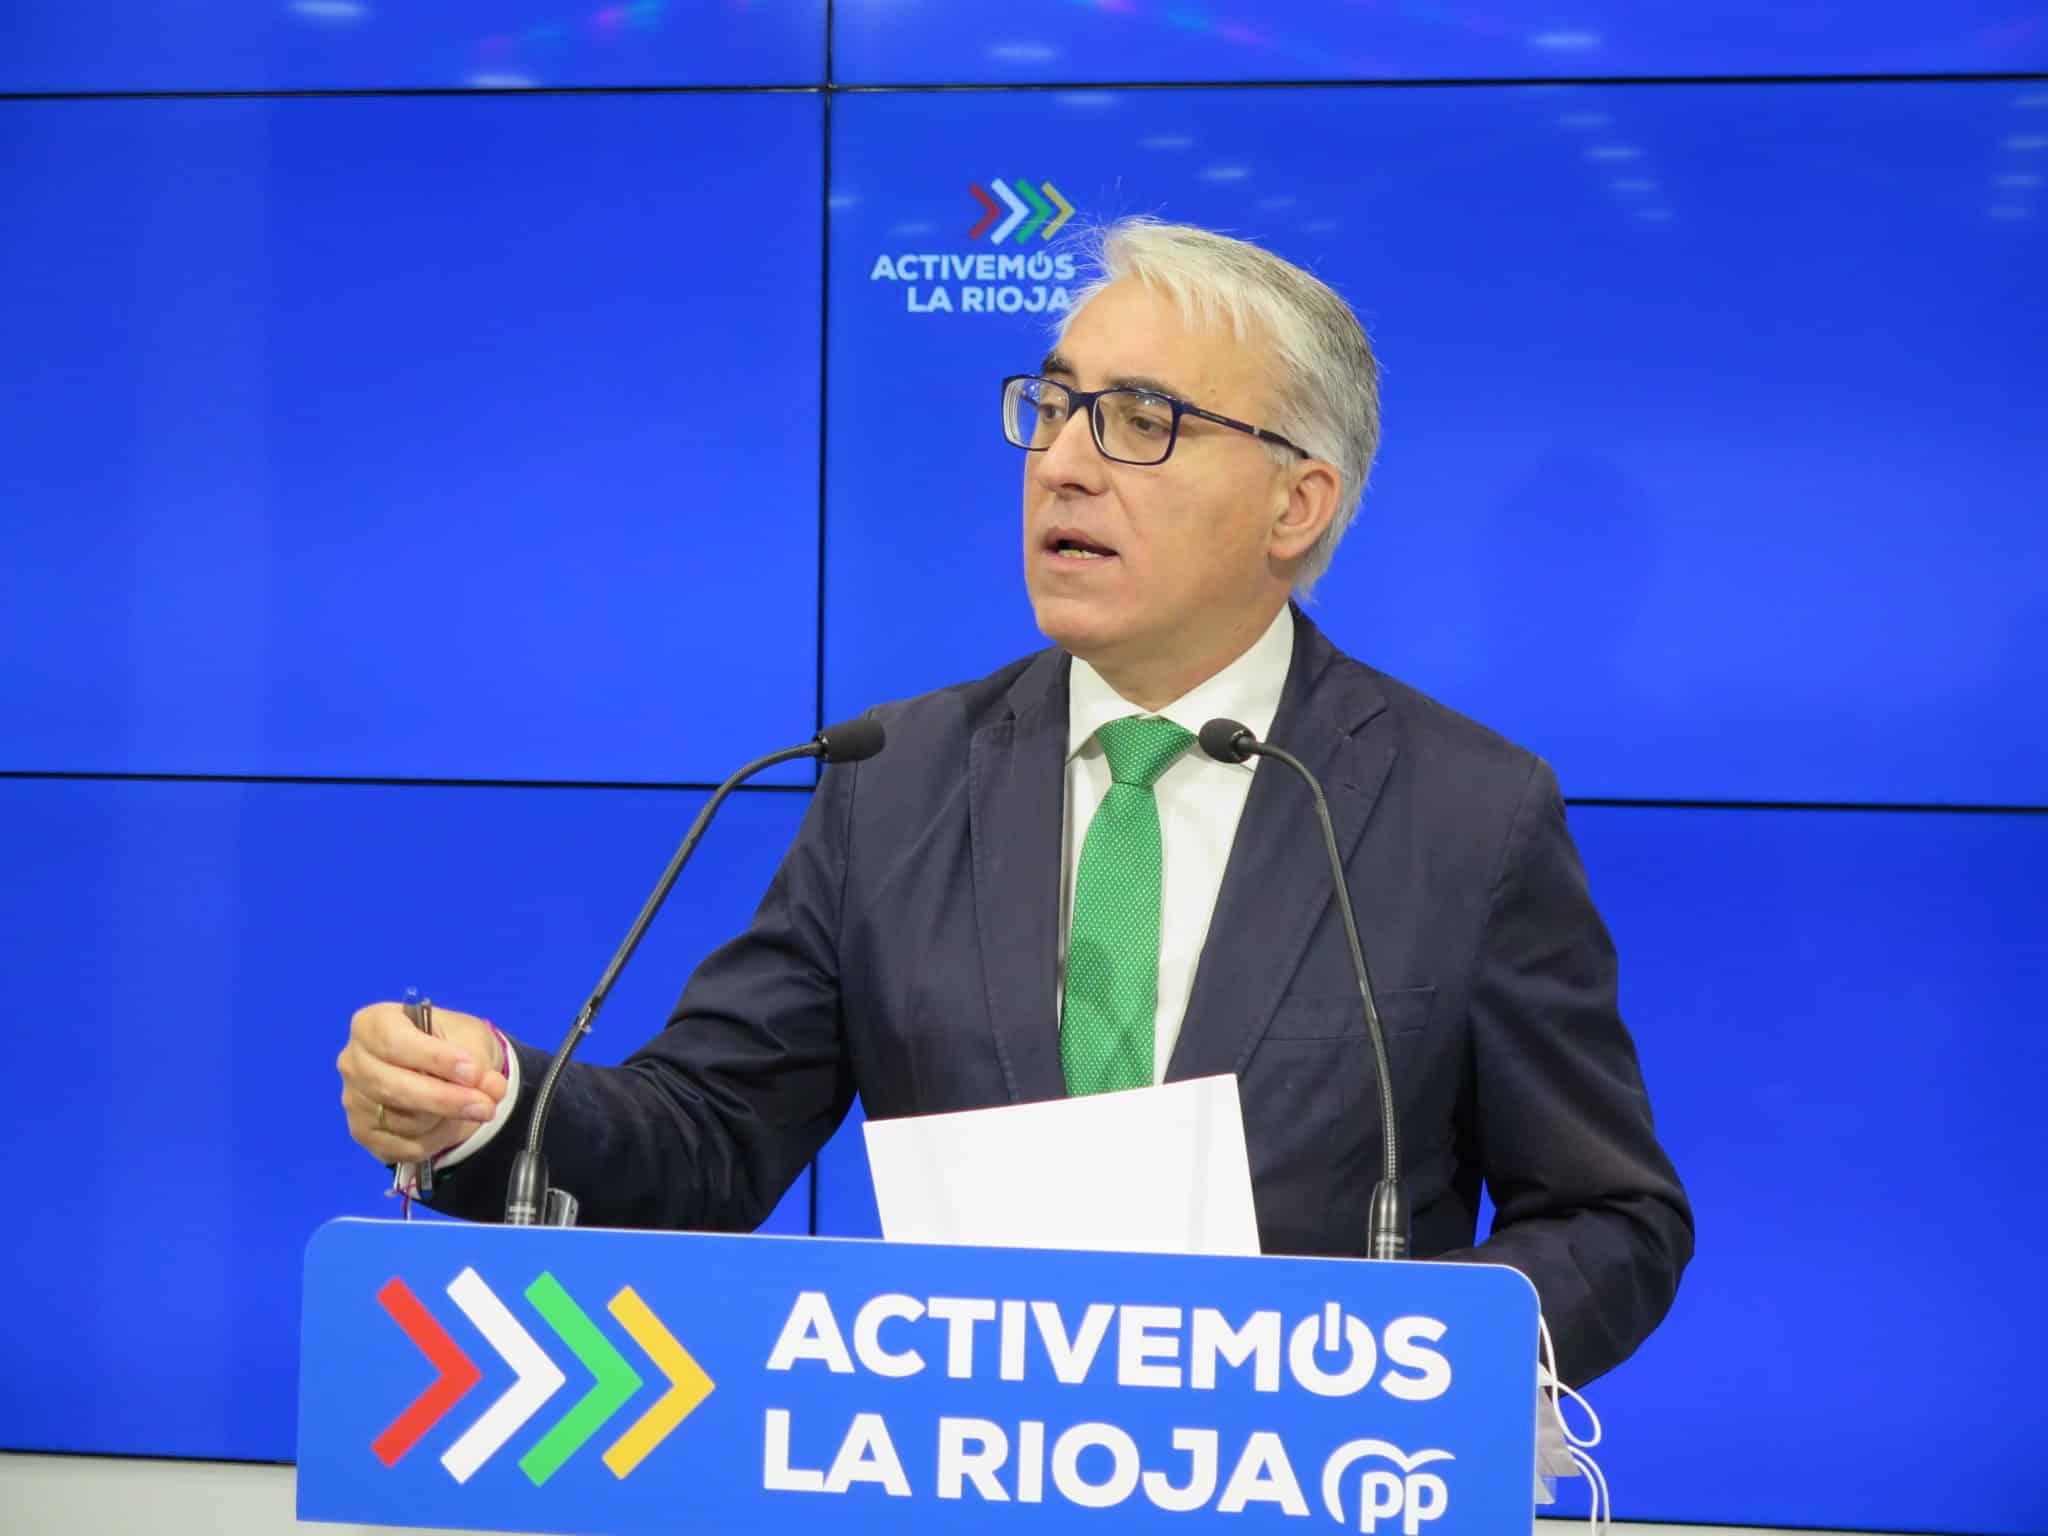 El PP de La Rioja propone que se destinen 850.000 euros para realizar test de antígenos a la comunidad educativa 1